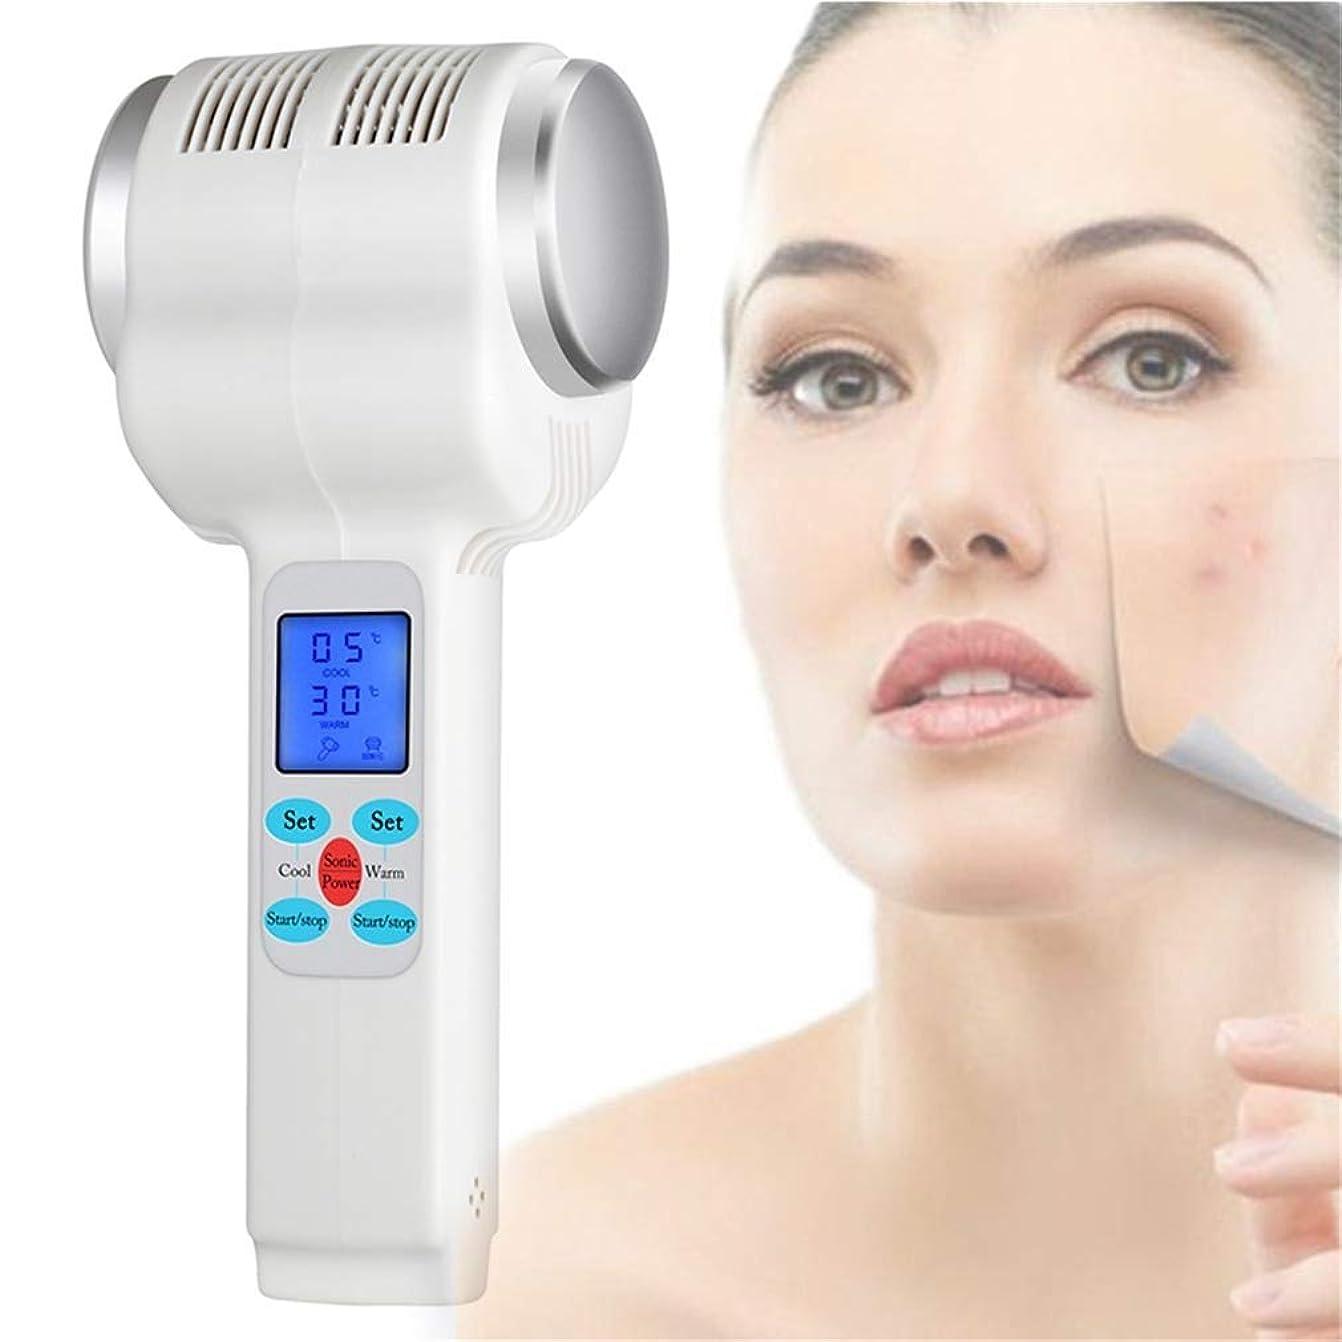 ストライプ取り除く外科医顔のリフティングセラピースキンを引き締めるマッサージマシンの美しさを持ち上げる顔の美容マシン超音波ホットコールドハンマーボディスキンリフティング、アイバッグ除去、しわの除去